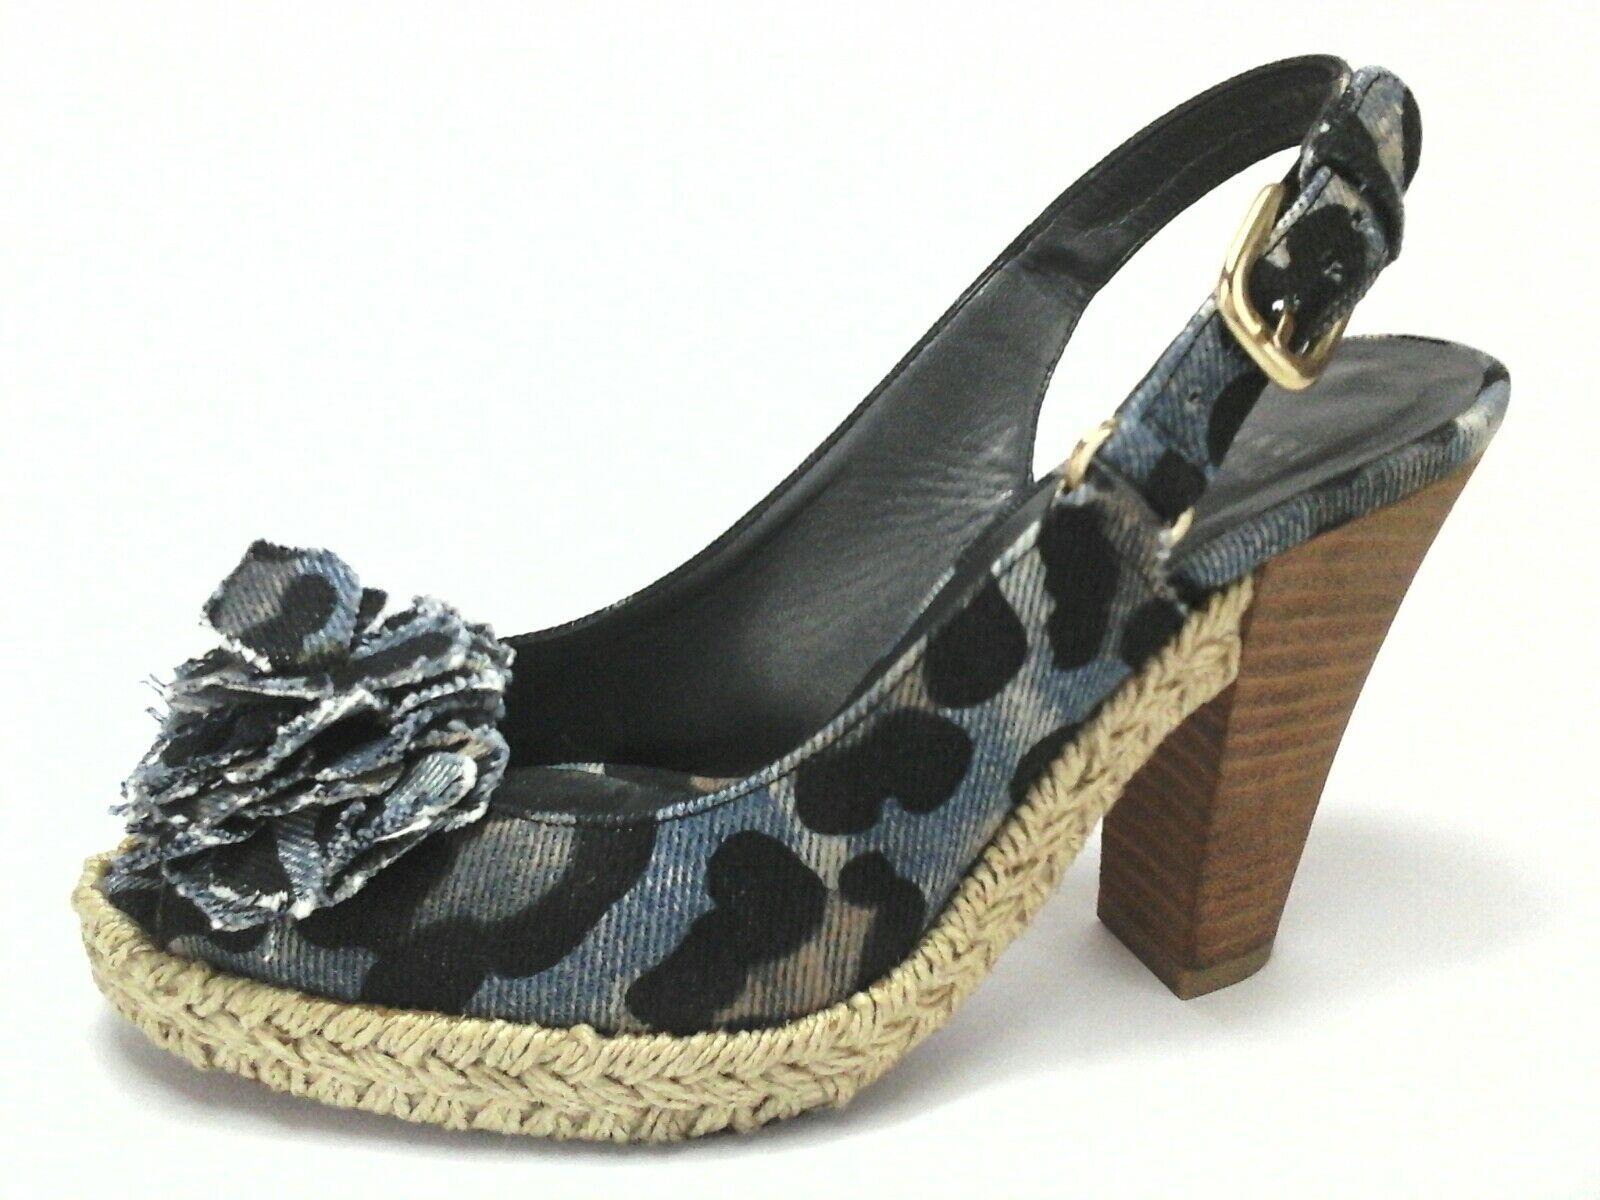 STUART WEITZMAN Sandals Heels ESPADRILLES Denim Leopard Floral US 6 EU 36.5  425